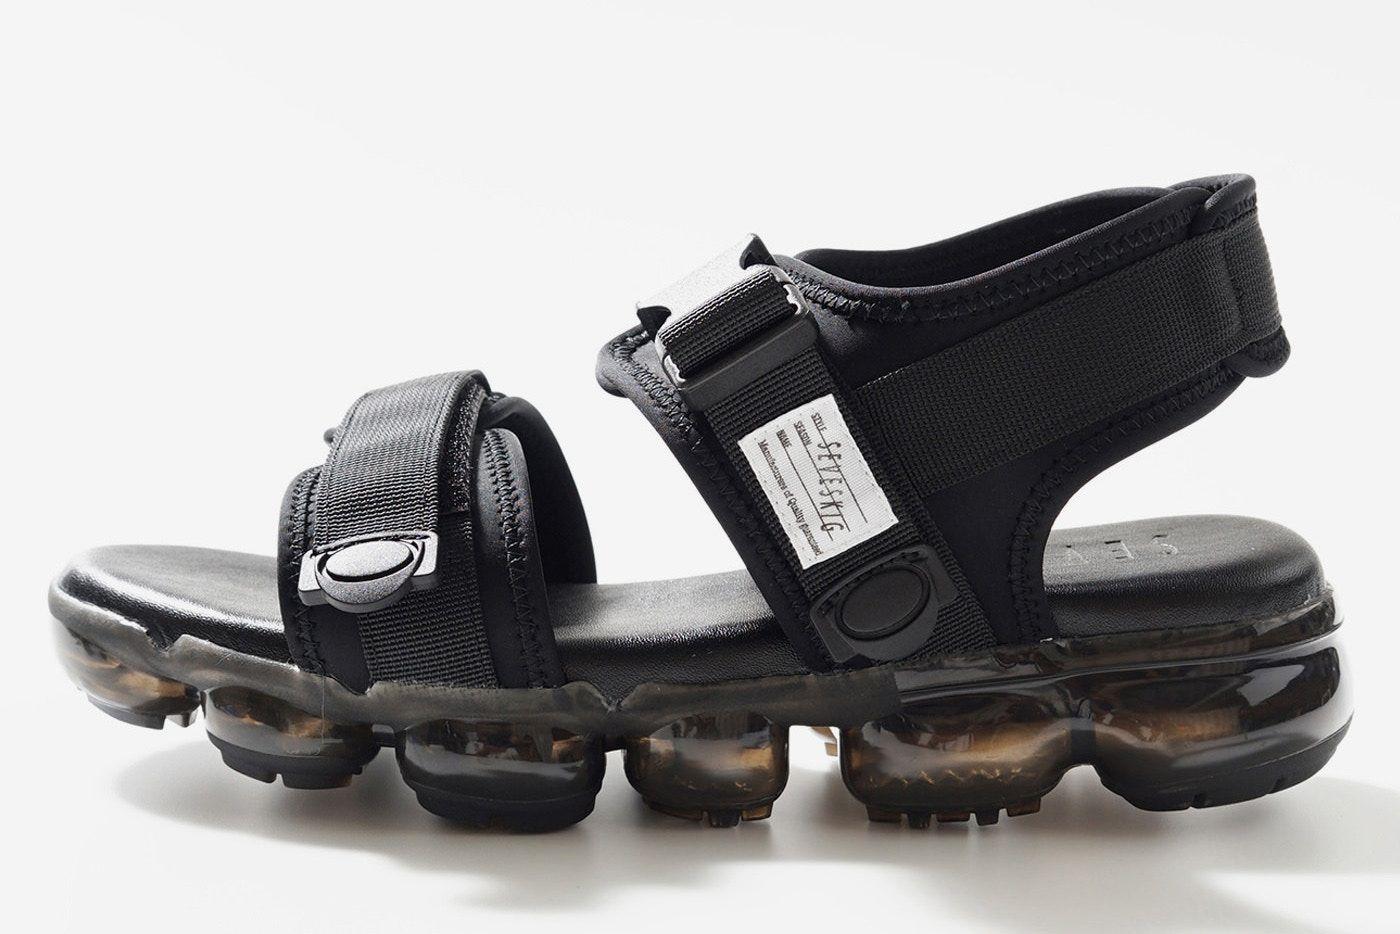 Seveskig Shows Off Clear Sole Sandals For Summer 2018 Sandals